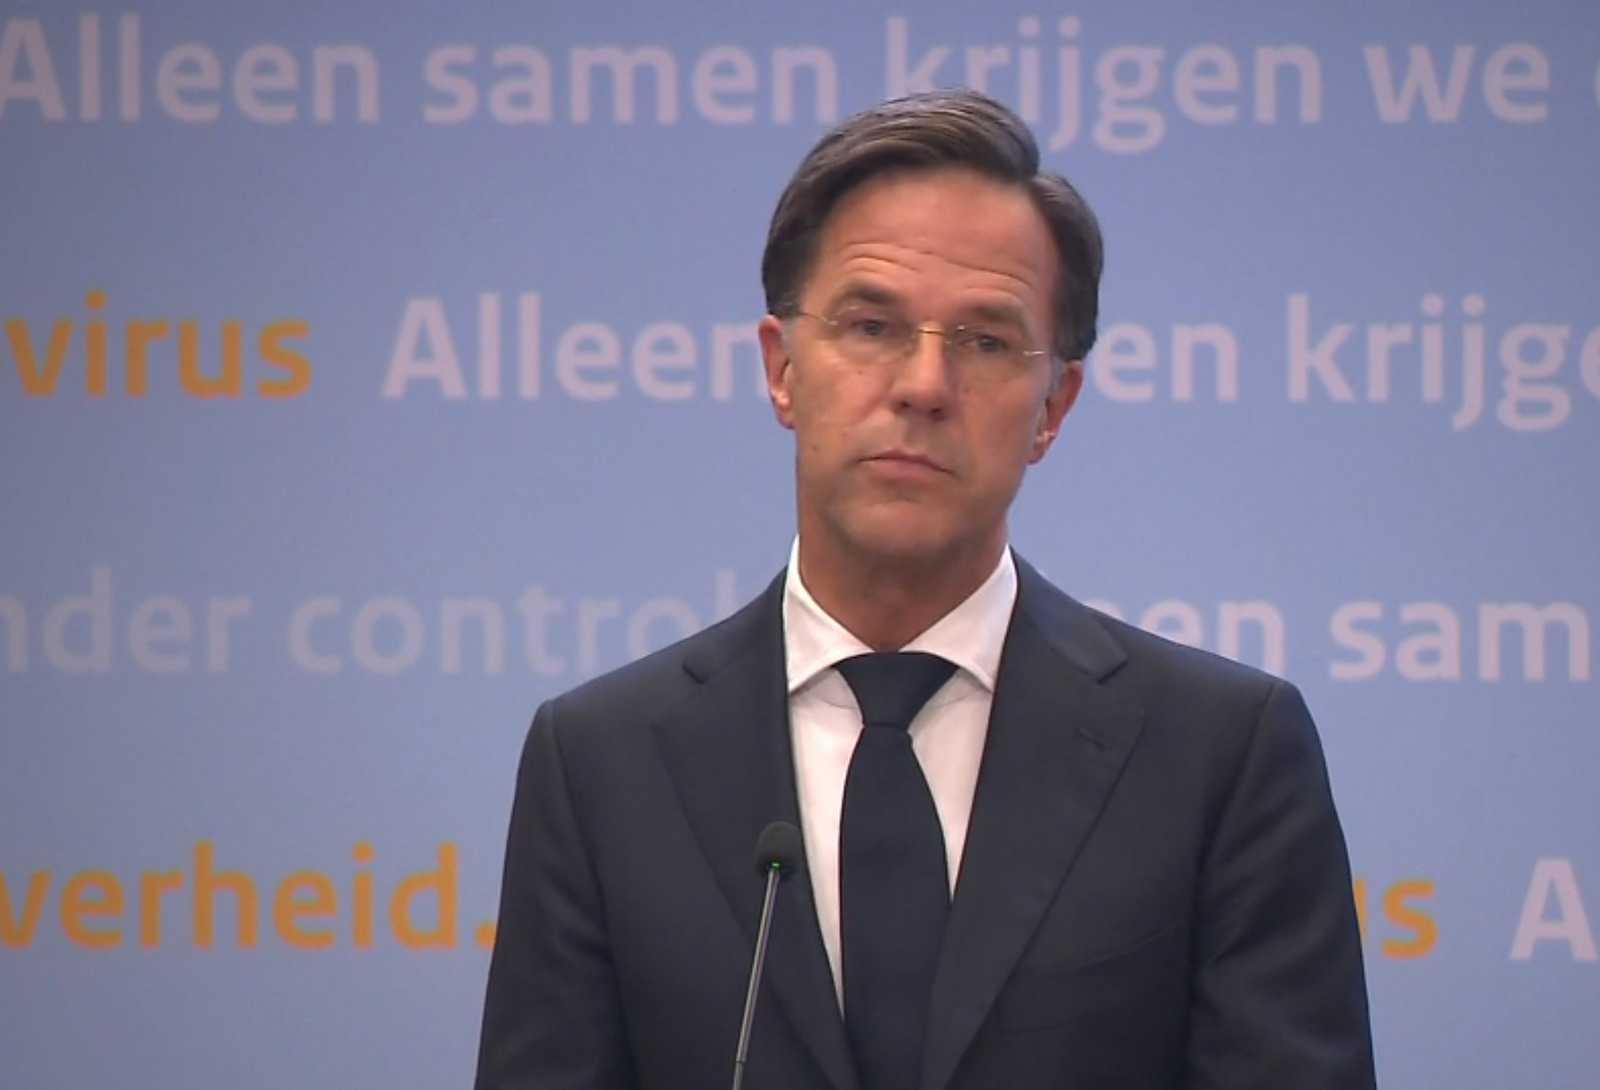 Марк Рютте на пресс-конференции. Кадр из видео NOS.